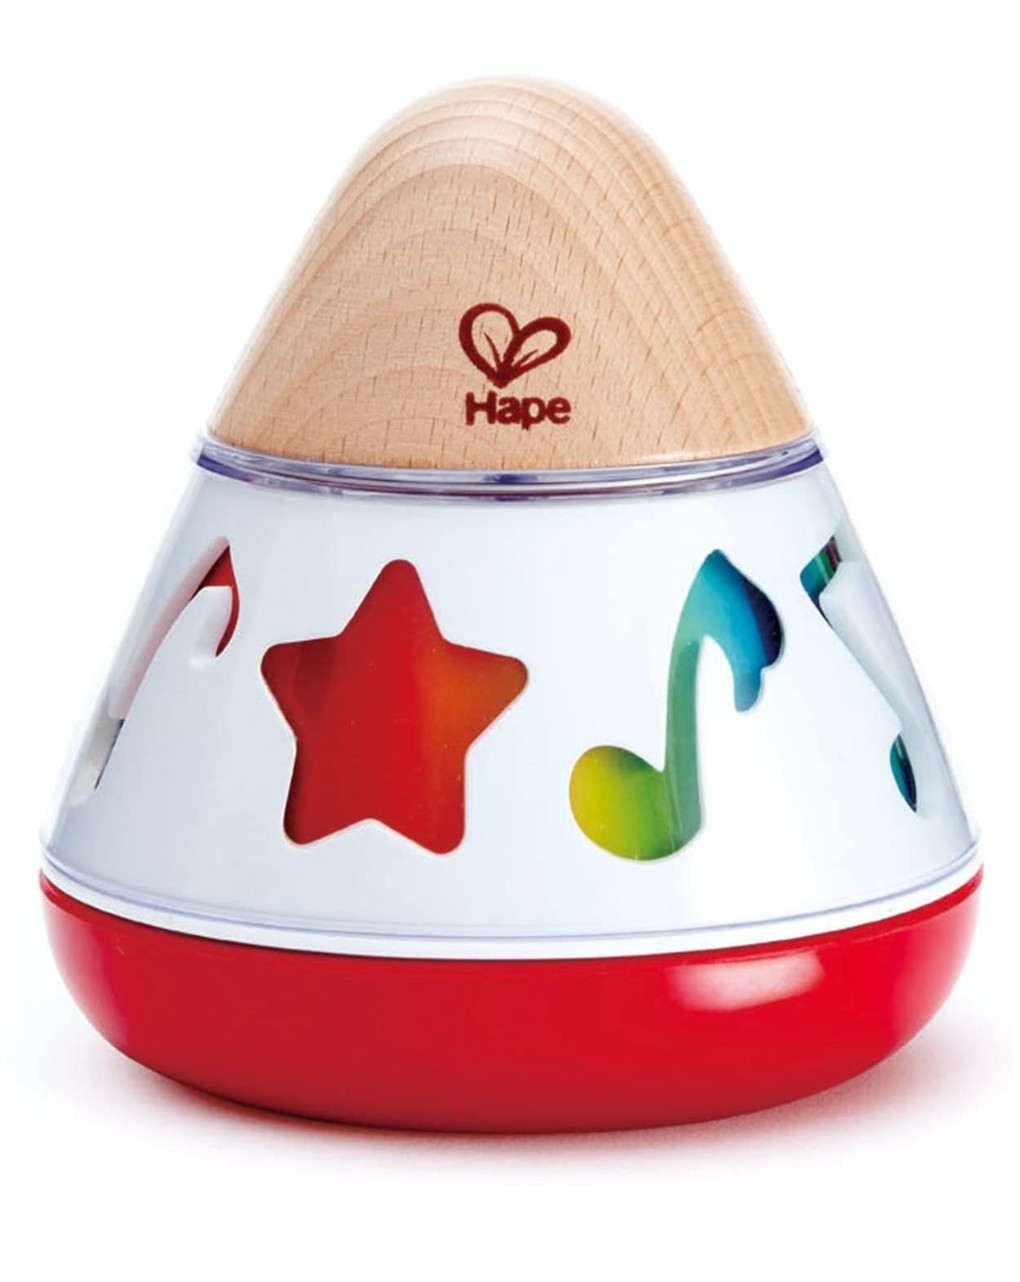 Hape - caixa de música giratória - Hape